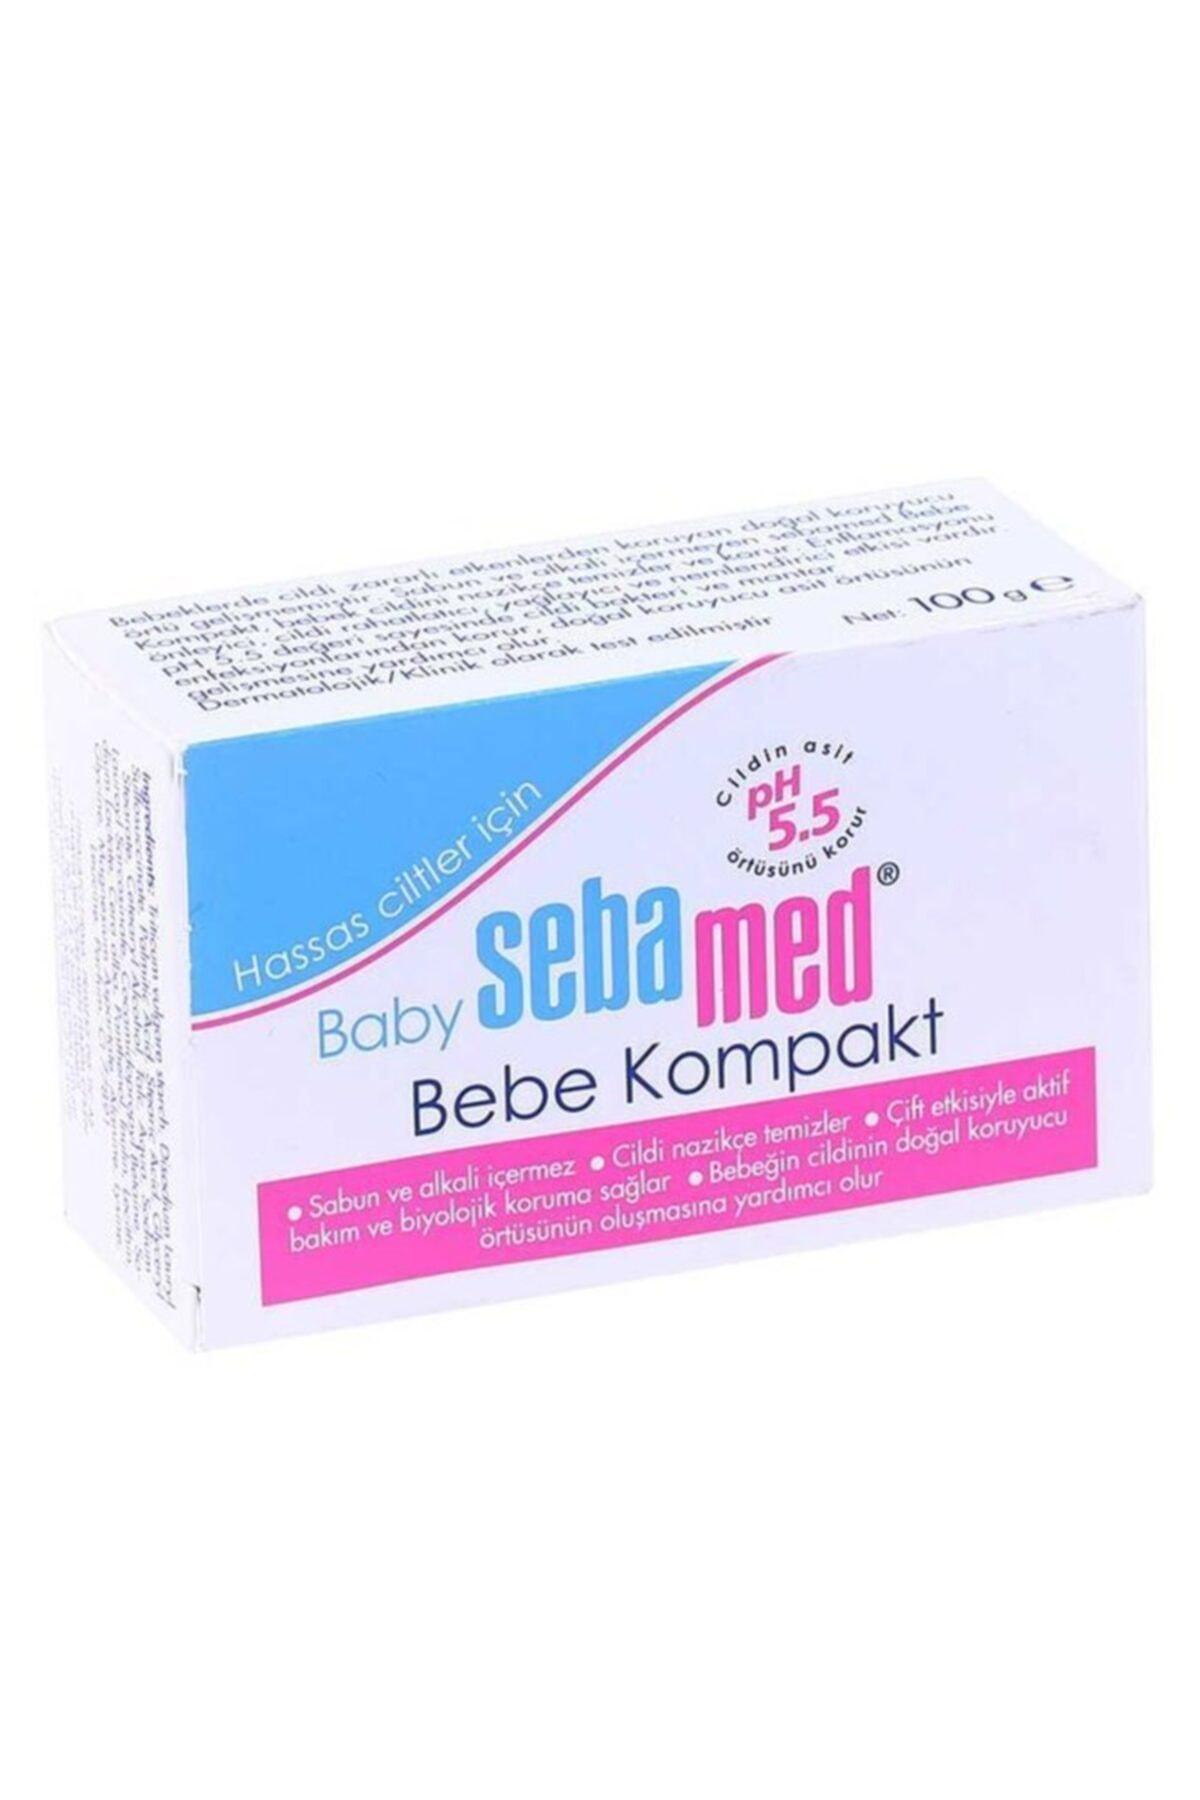 Sebamed Kids Sebamed Baby Ph 5.5 Bebek Kompakt100 gr 1